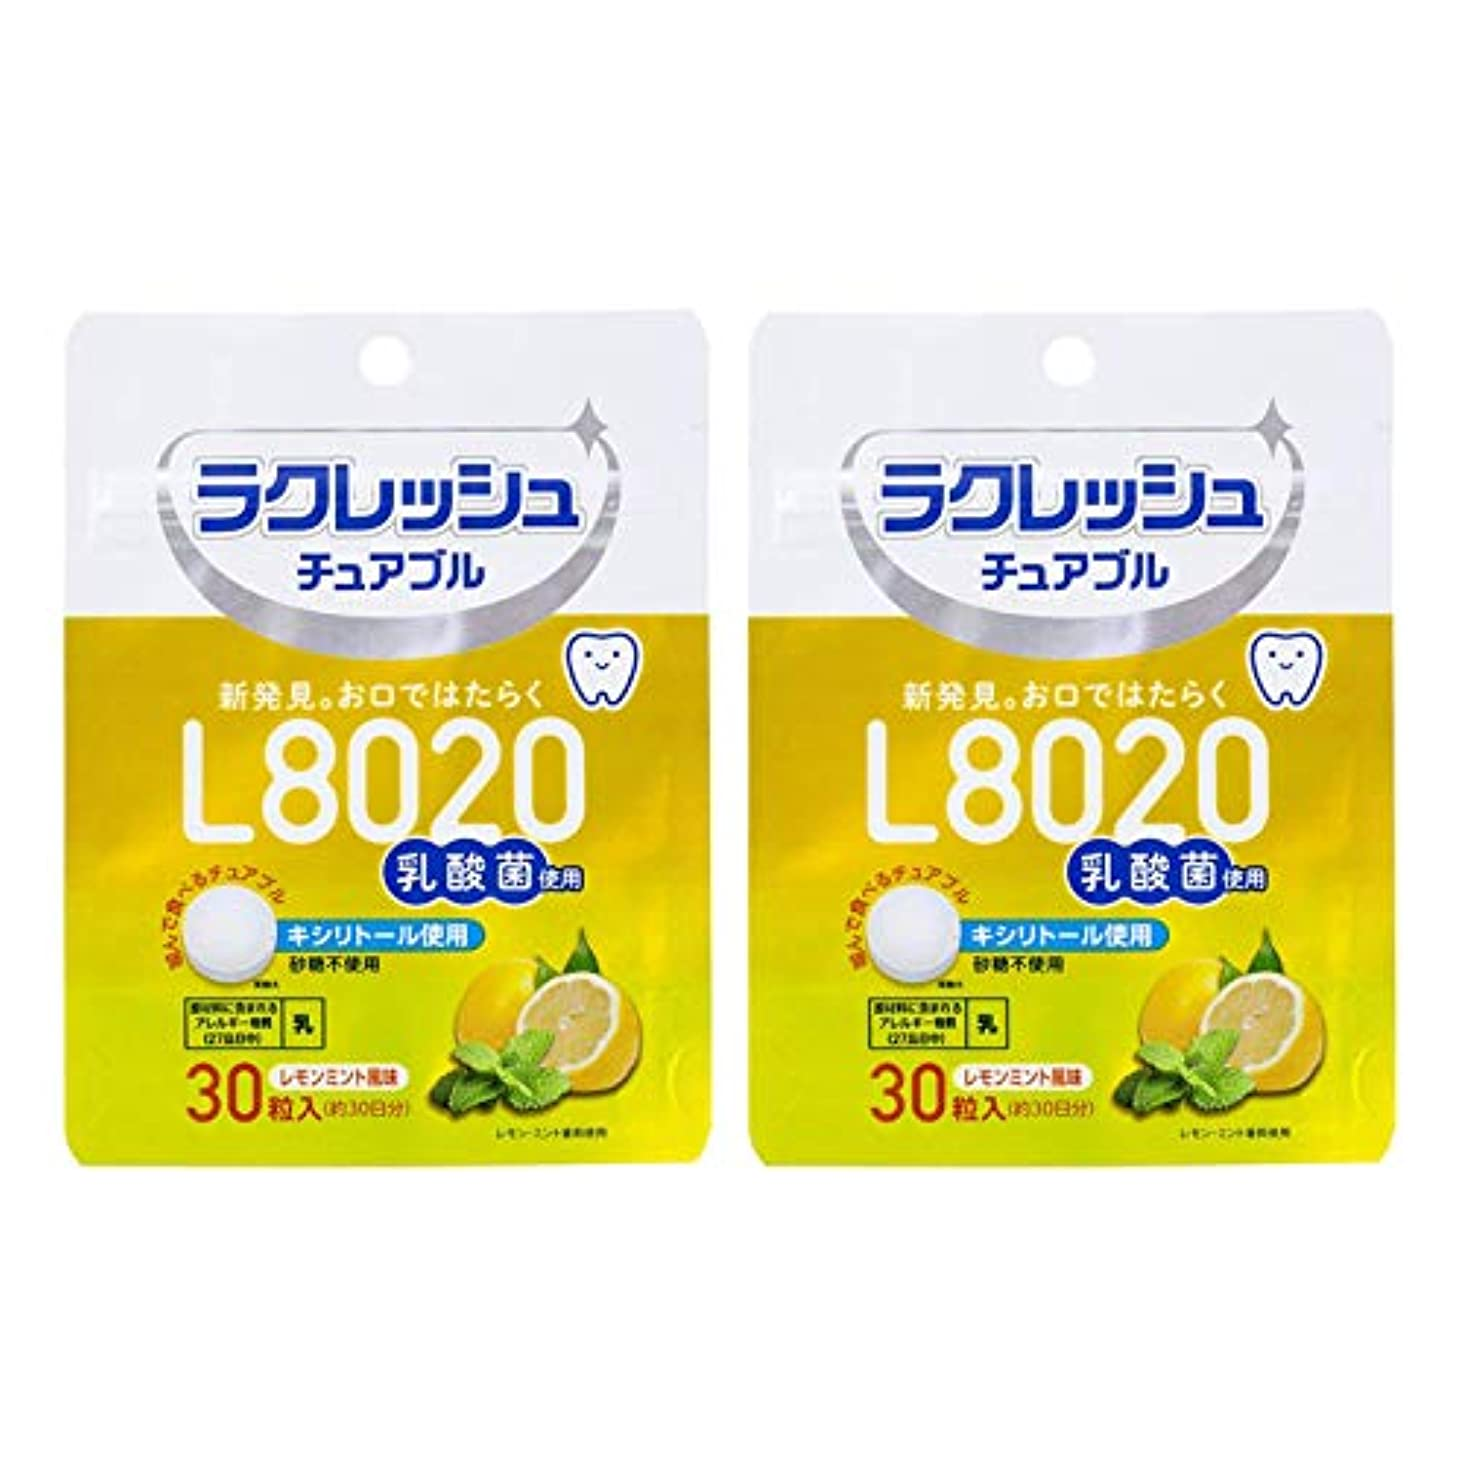 解釈する救援消毒剤ラクレッシュ L8020 乳酸菌 チュアブル レモンミント風味 オーラルケア 30粒入×2袋